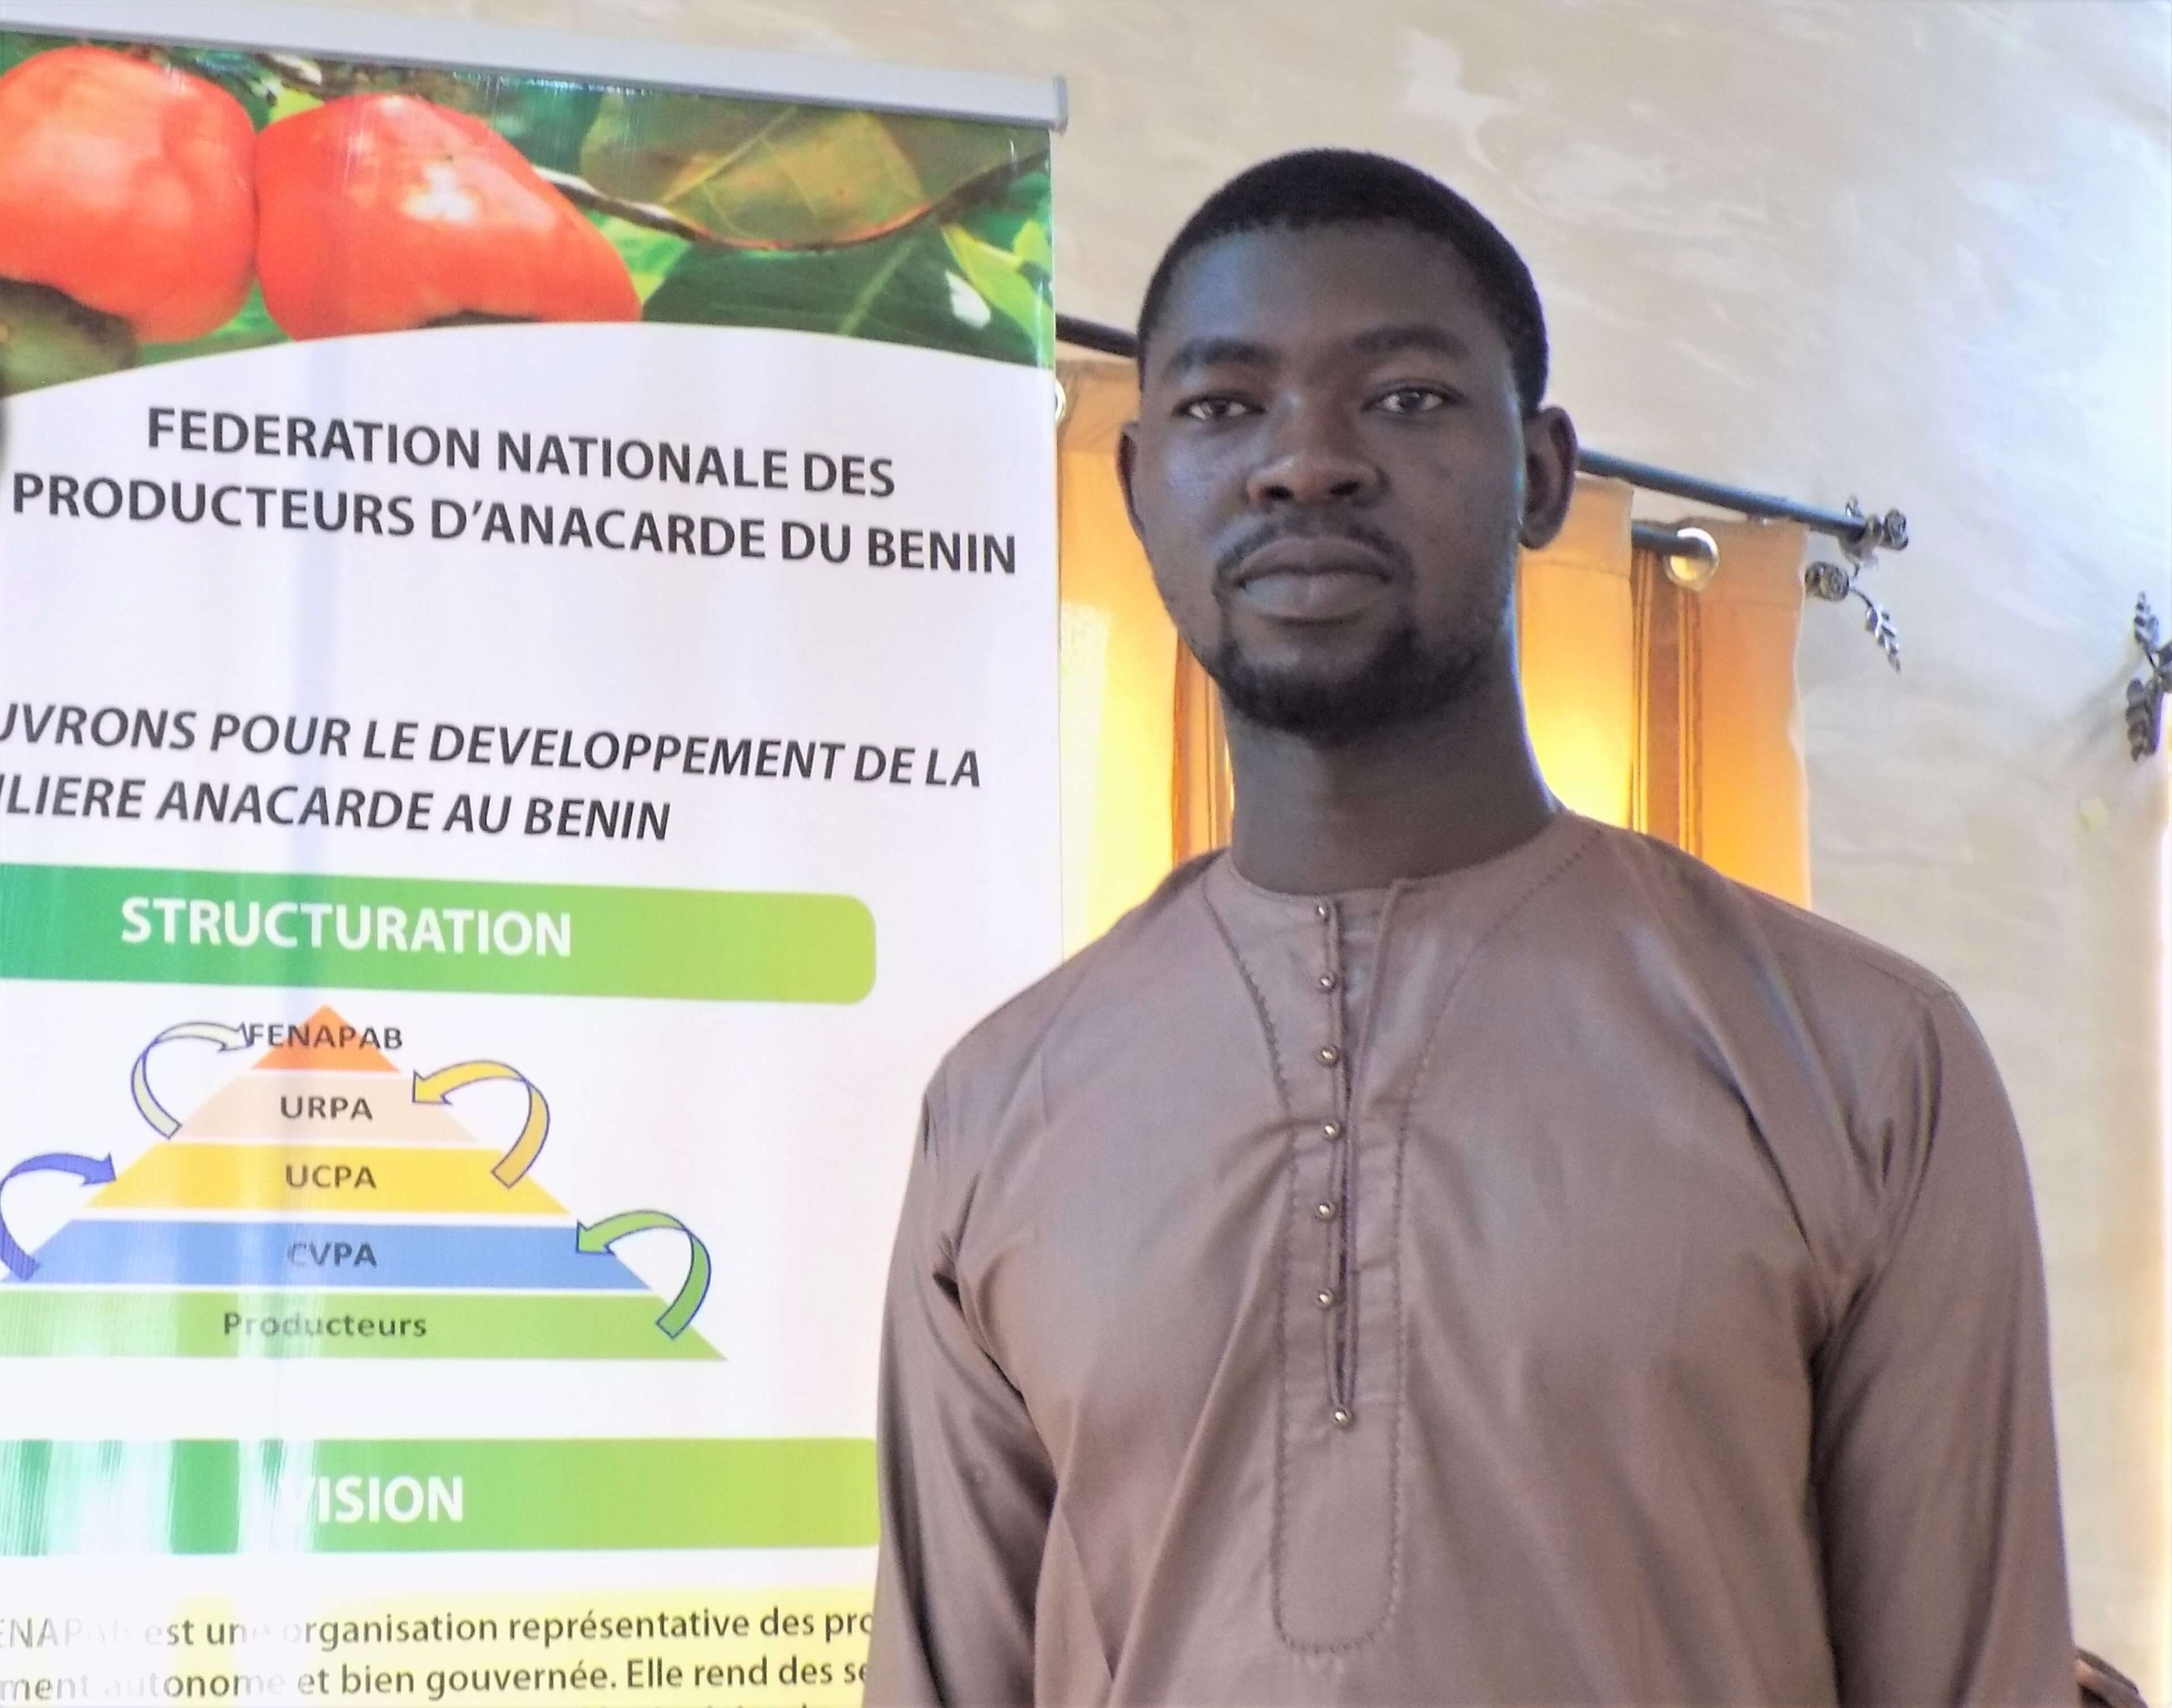 Interview du Directeur Régional de l'URCPA Borgou Alibori sur la situation de mévente des noix